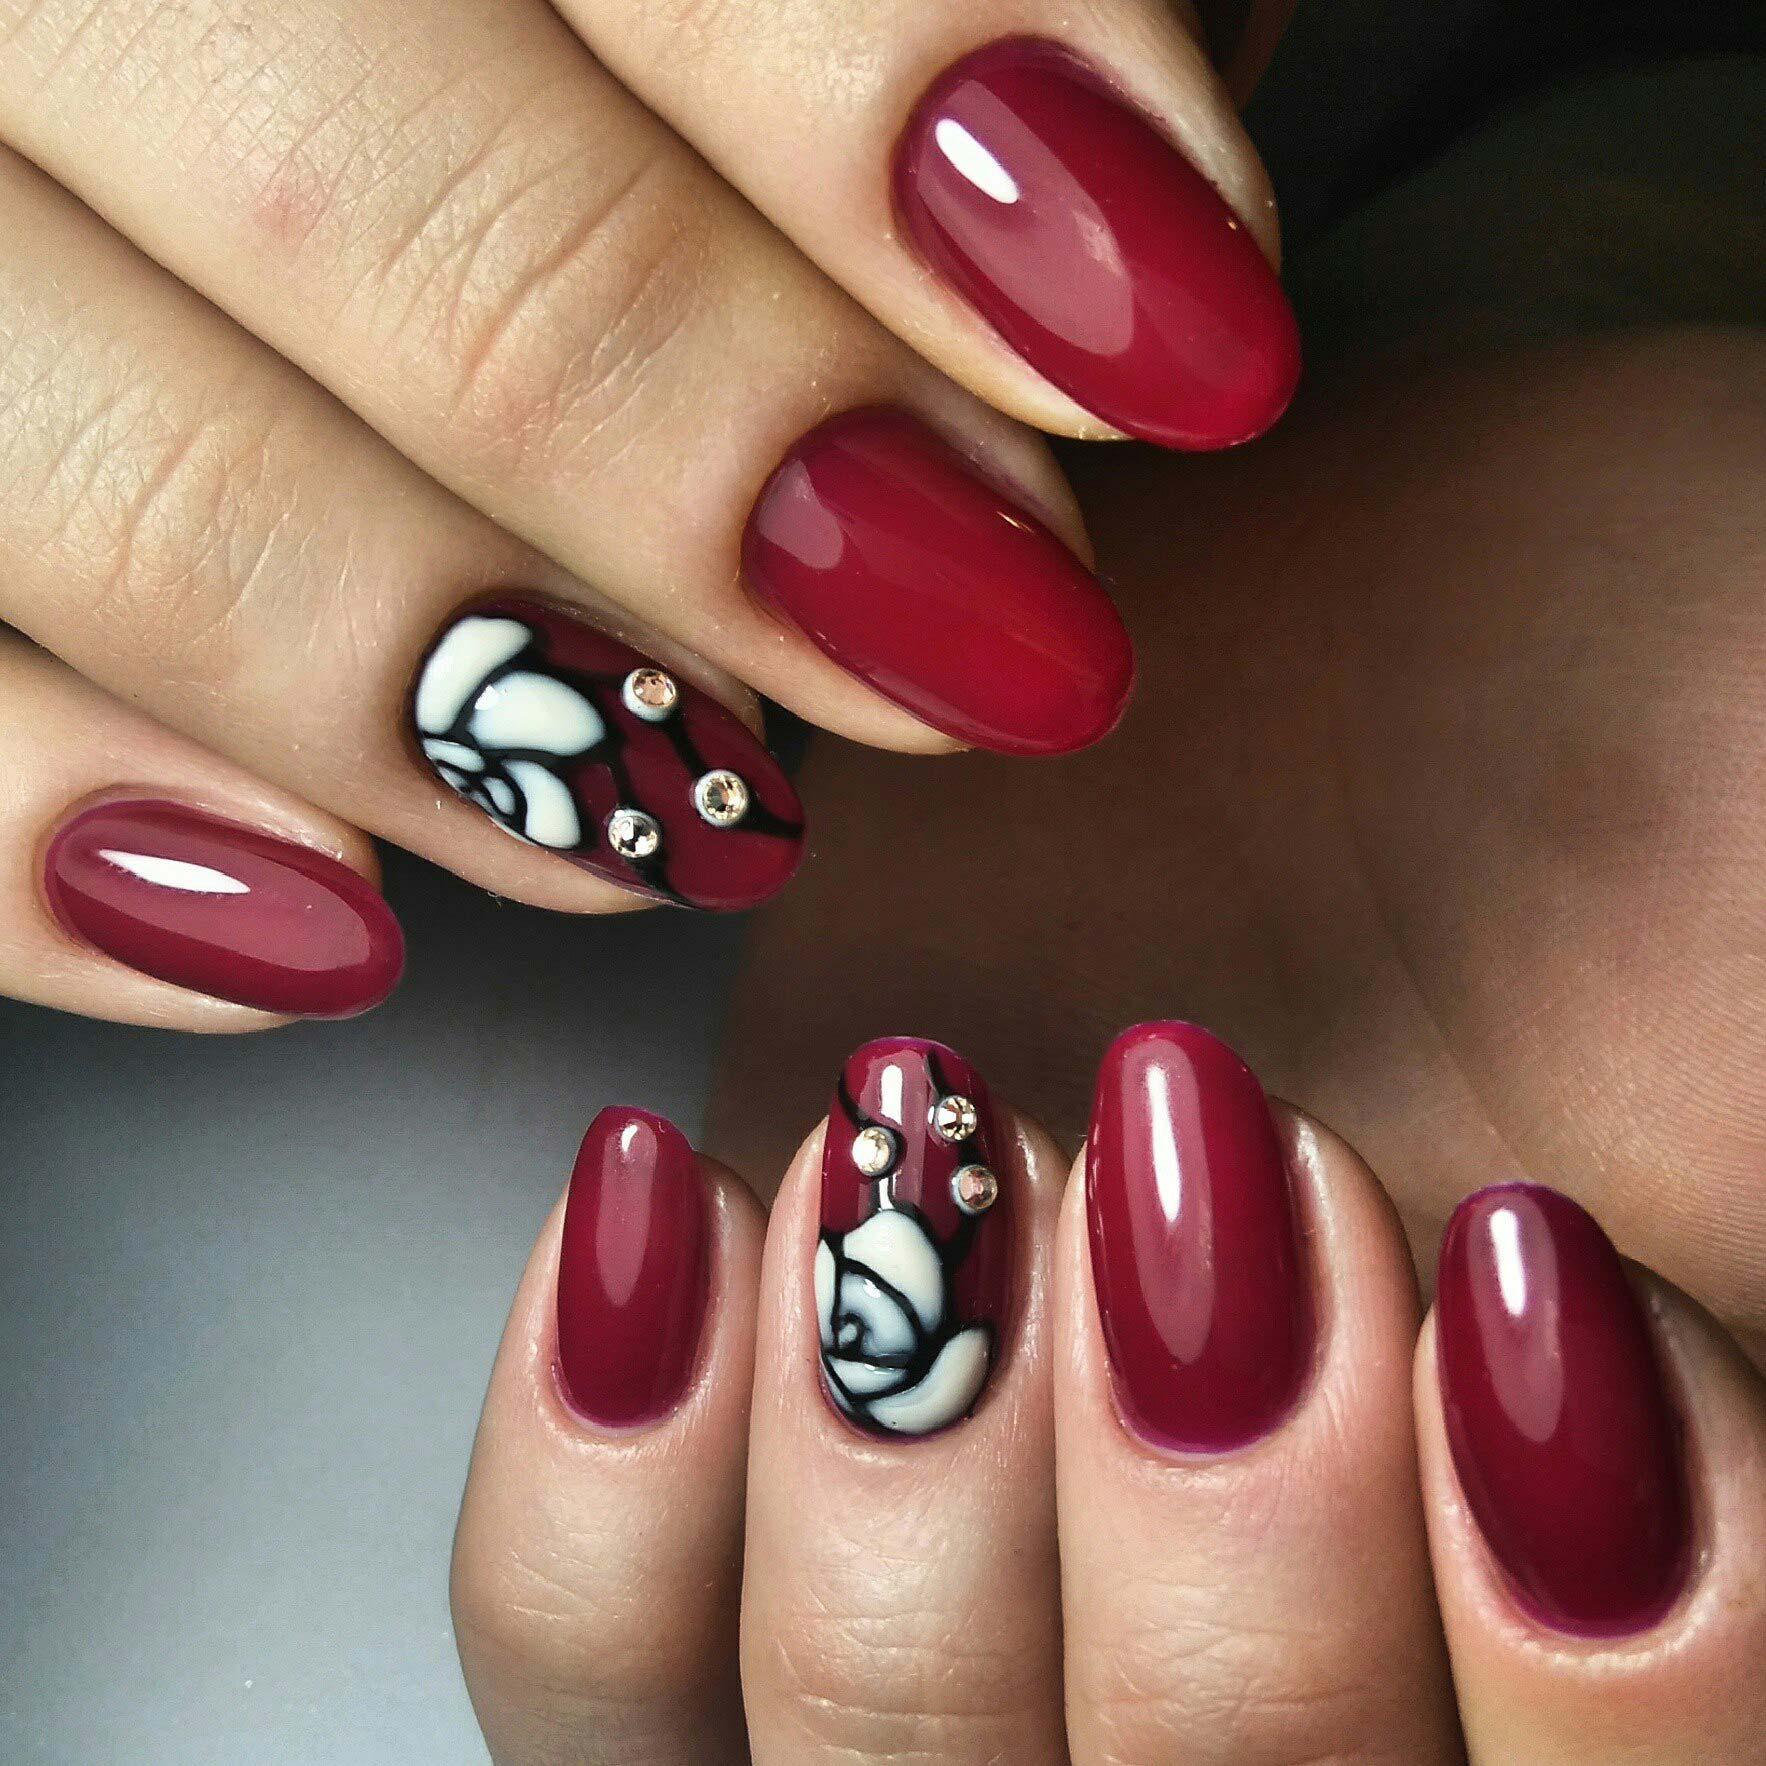 красивые картинки для дизайна ногтей сыпи при циррозе